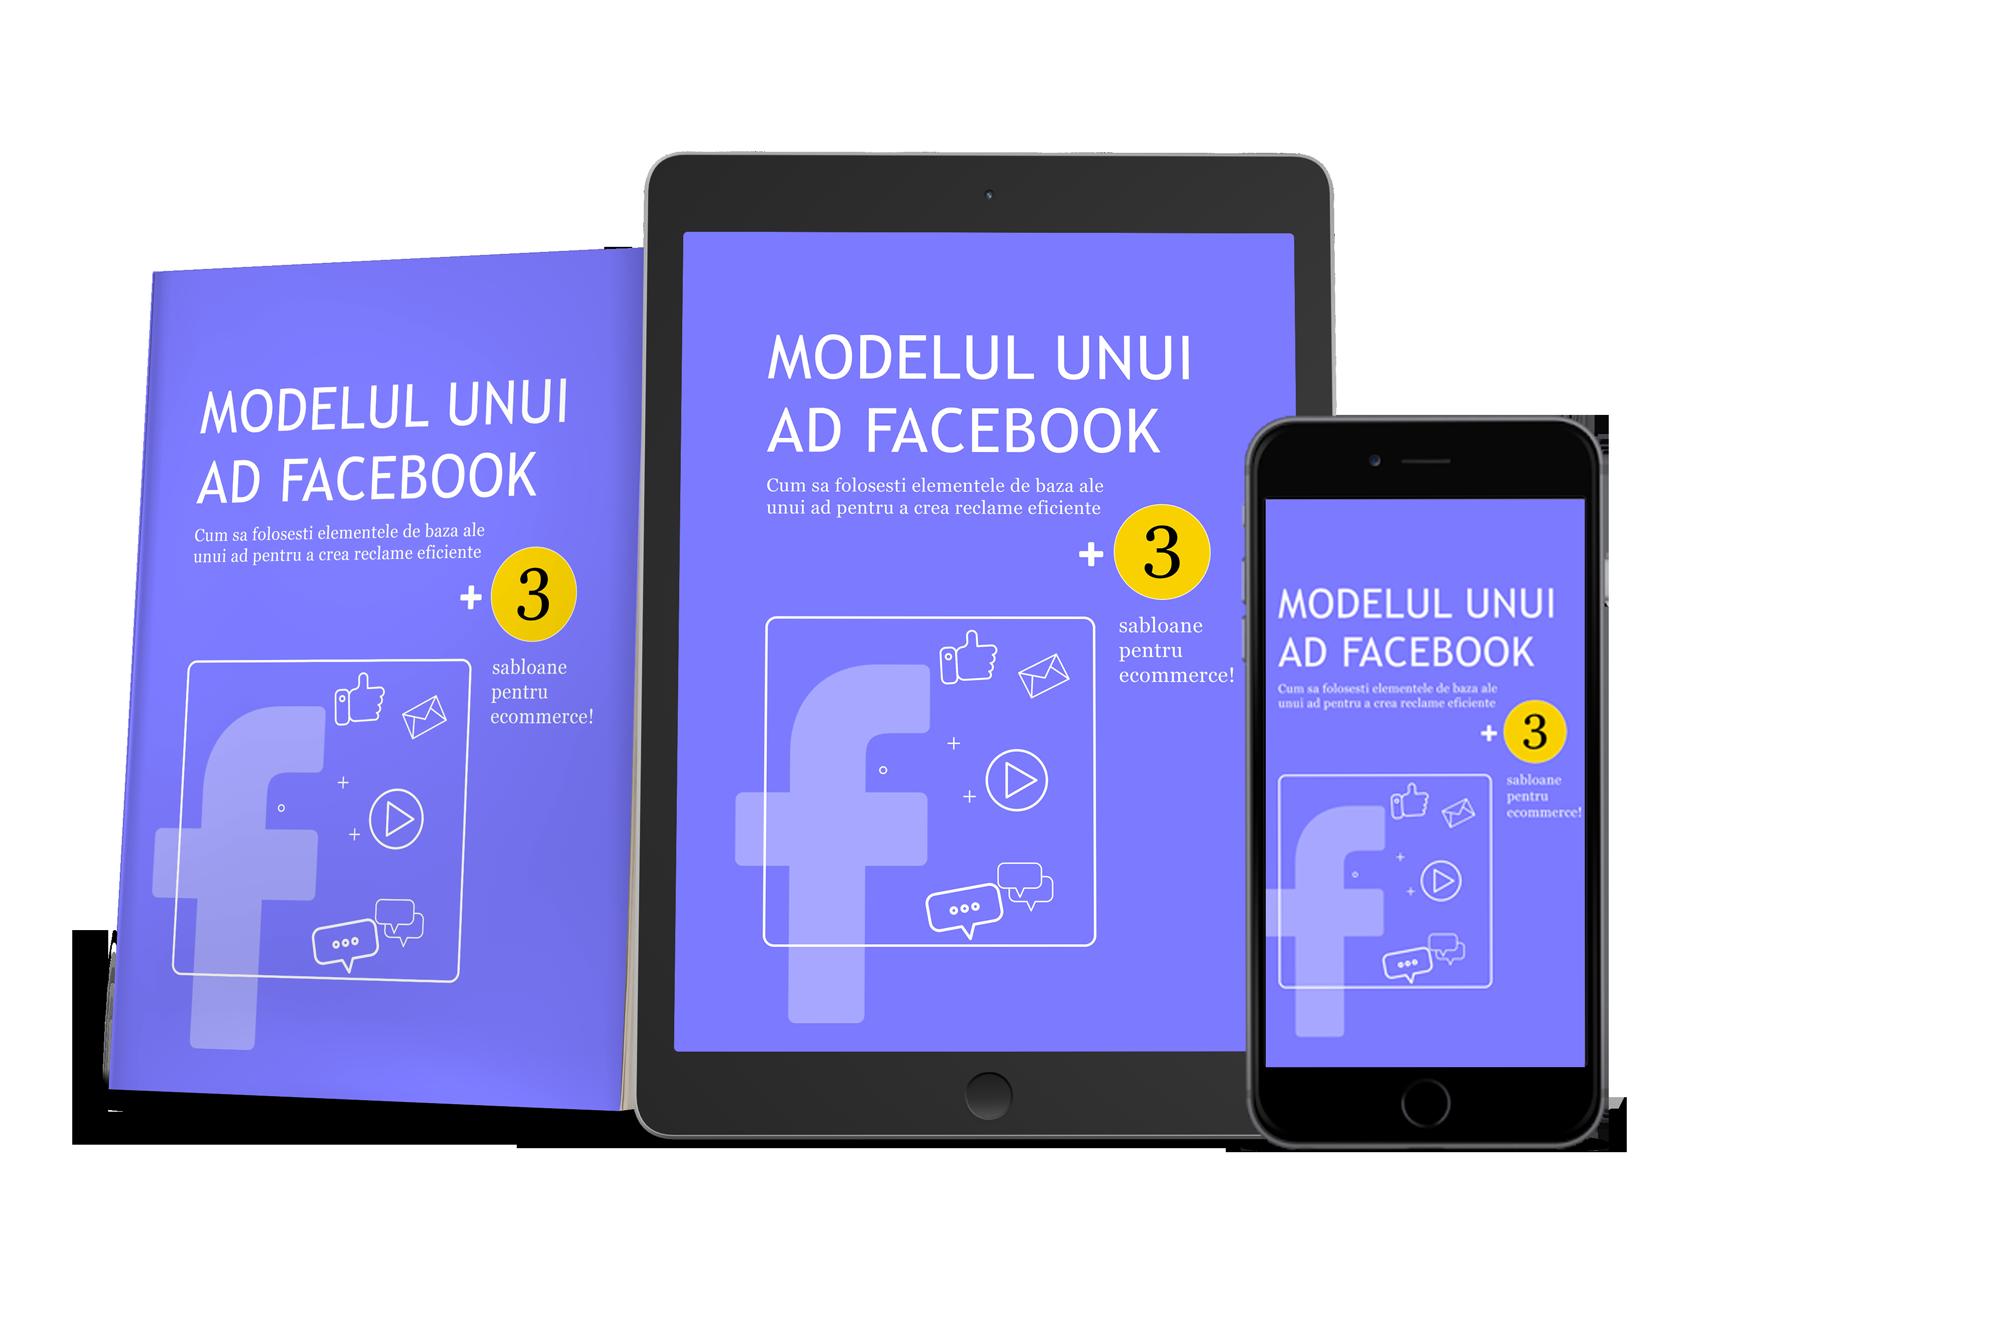 Modelul-unui-Ad-Facebook